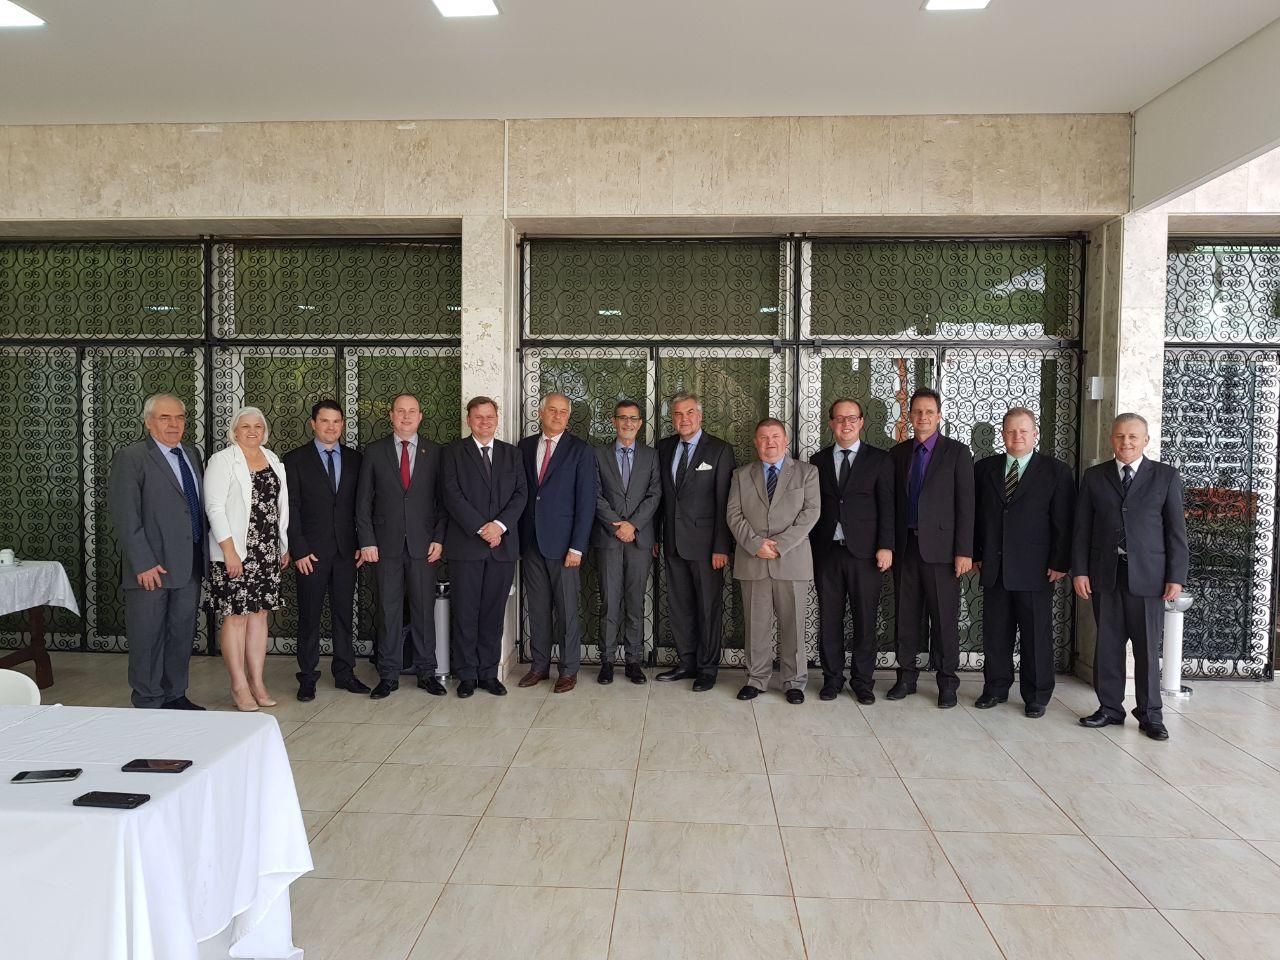 Prefeitos da regional de Itapiranga participam de encontro com embaixadores em Brasília